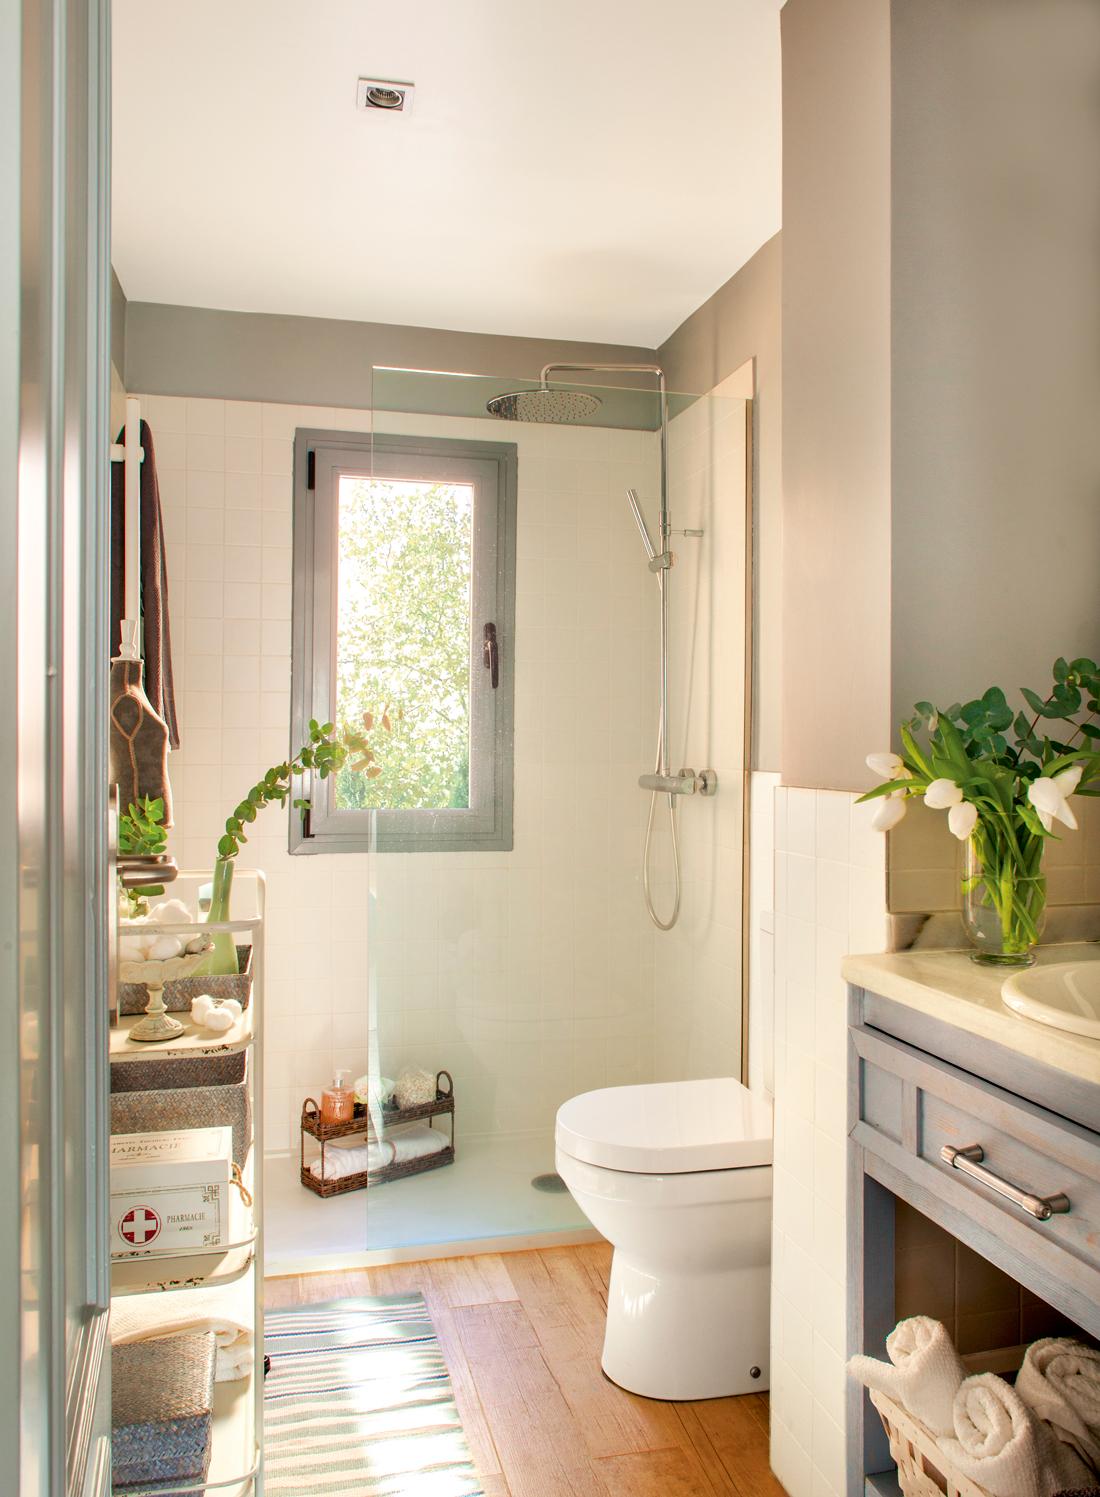 Reforma tu baño: de bañera a ducha